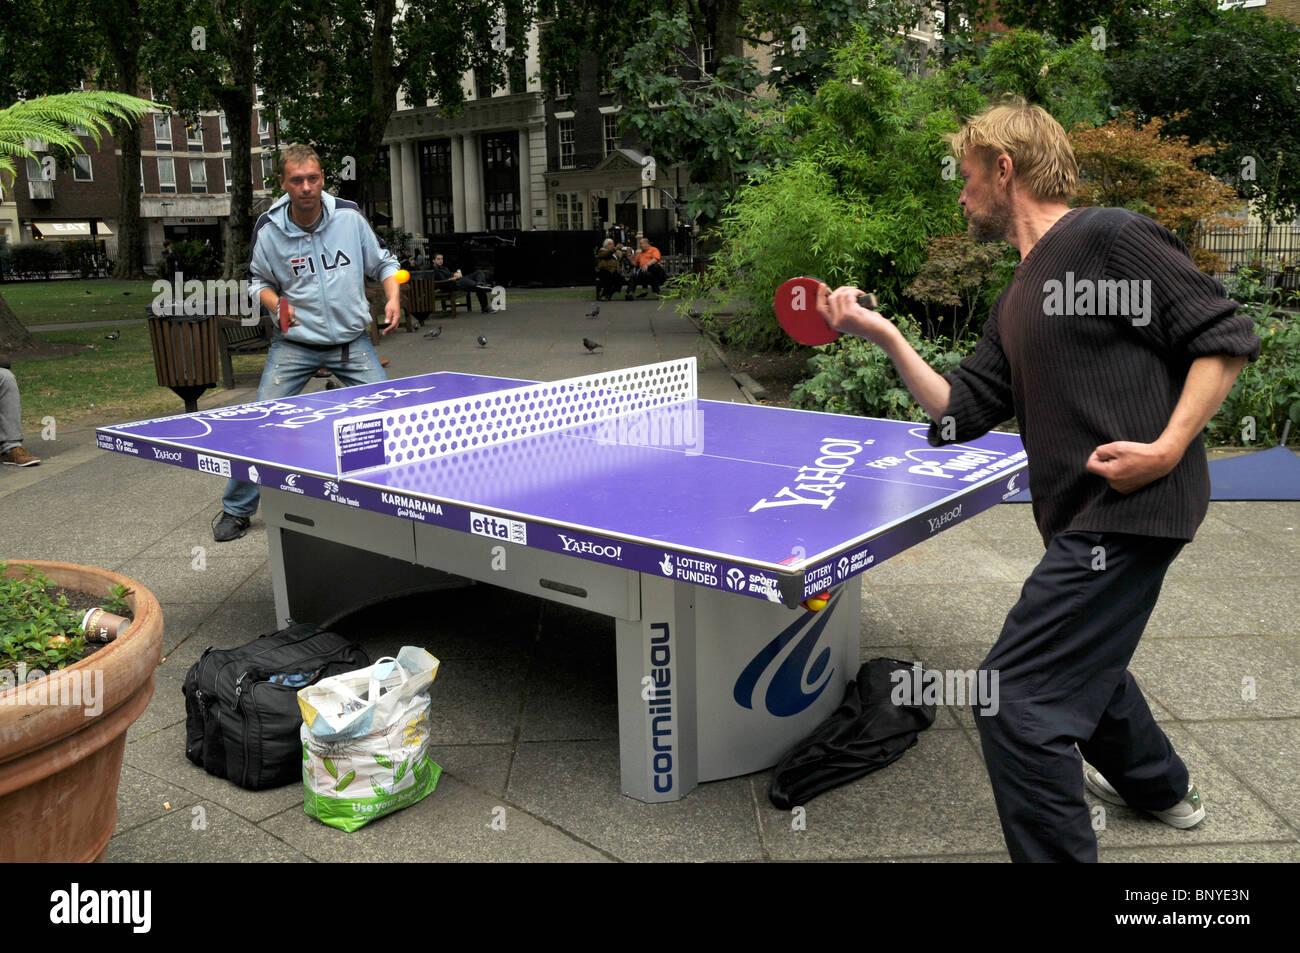 Público en Londres tenis de mesa en la plaza SOHO Imagen De Stock